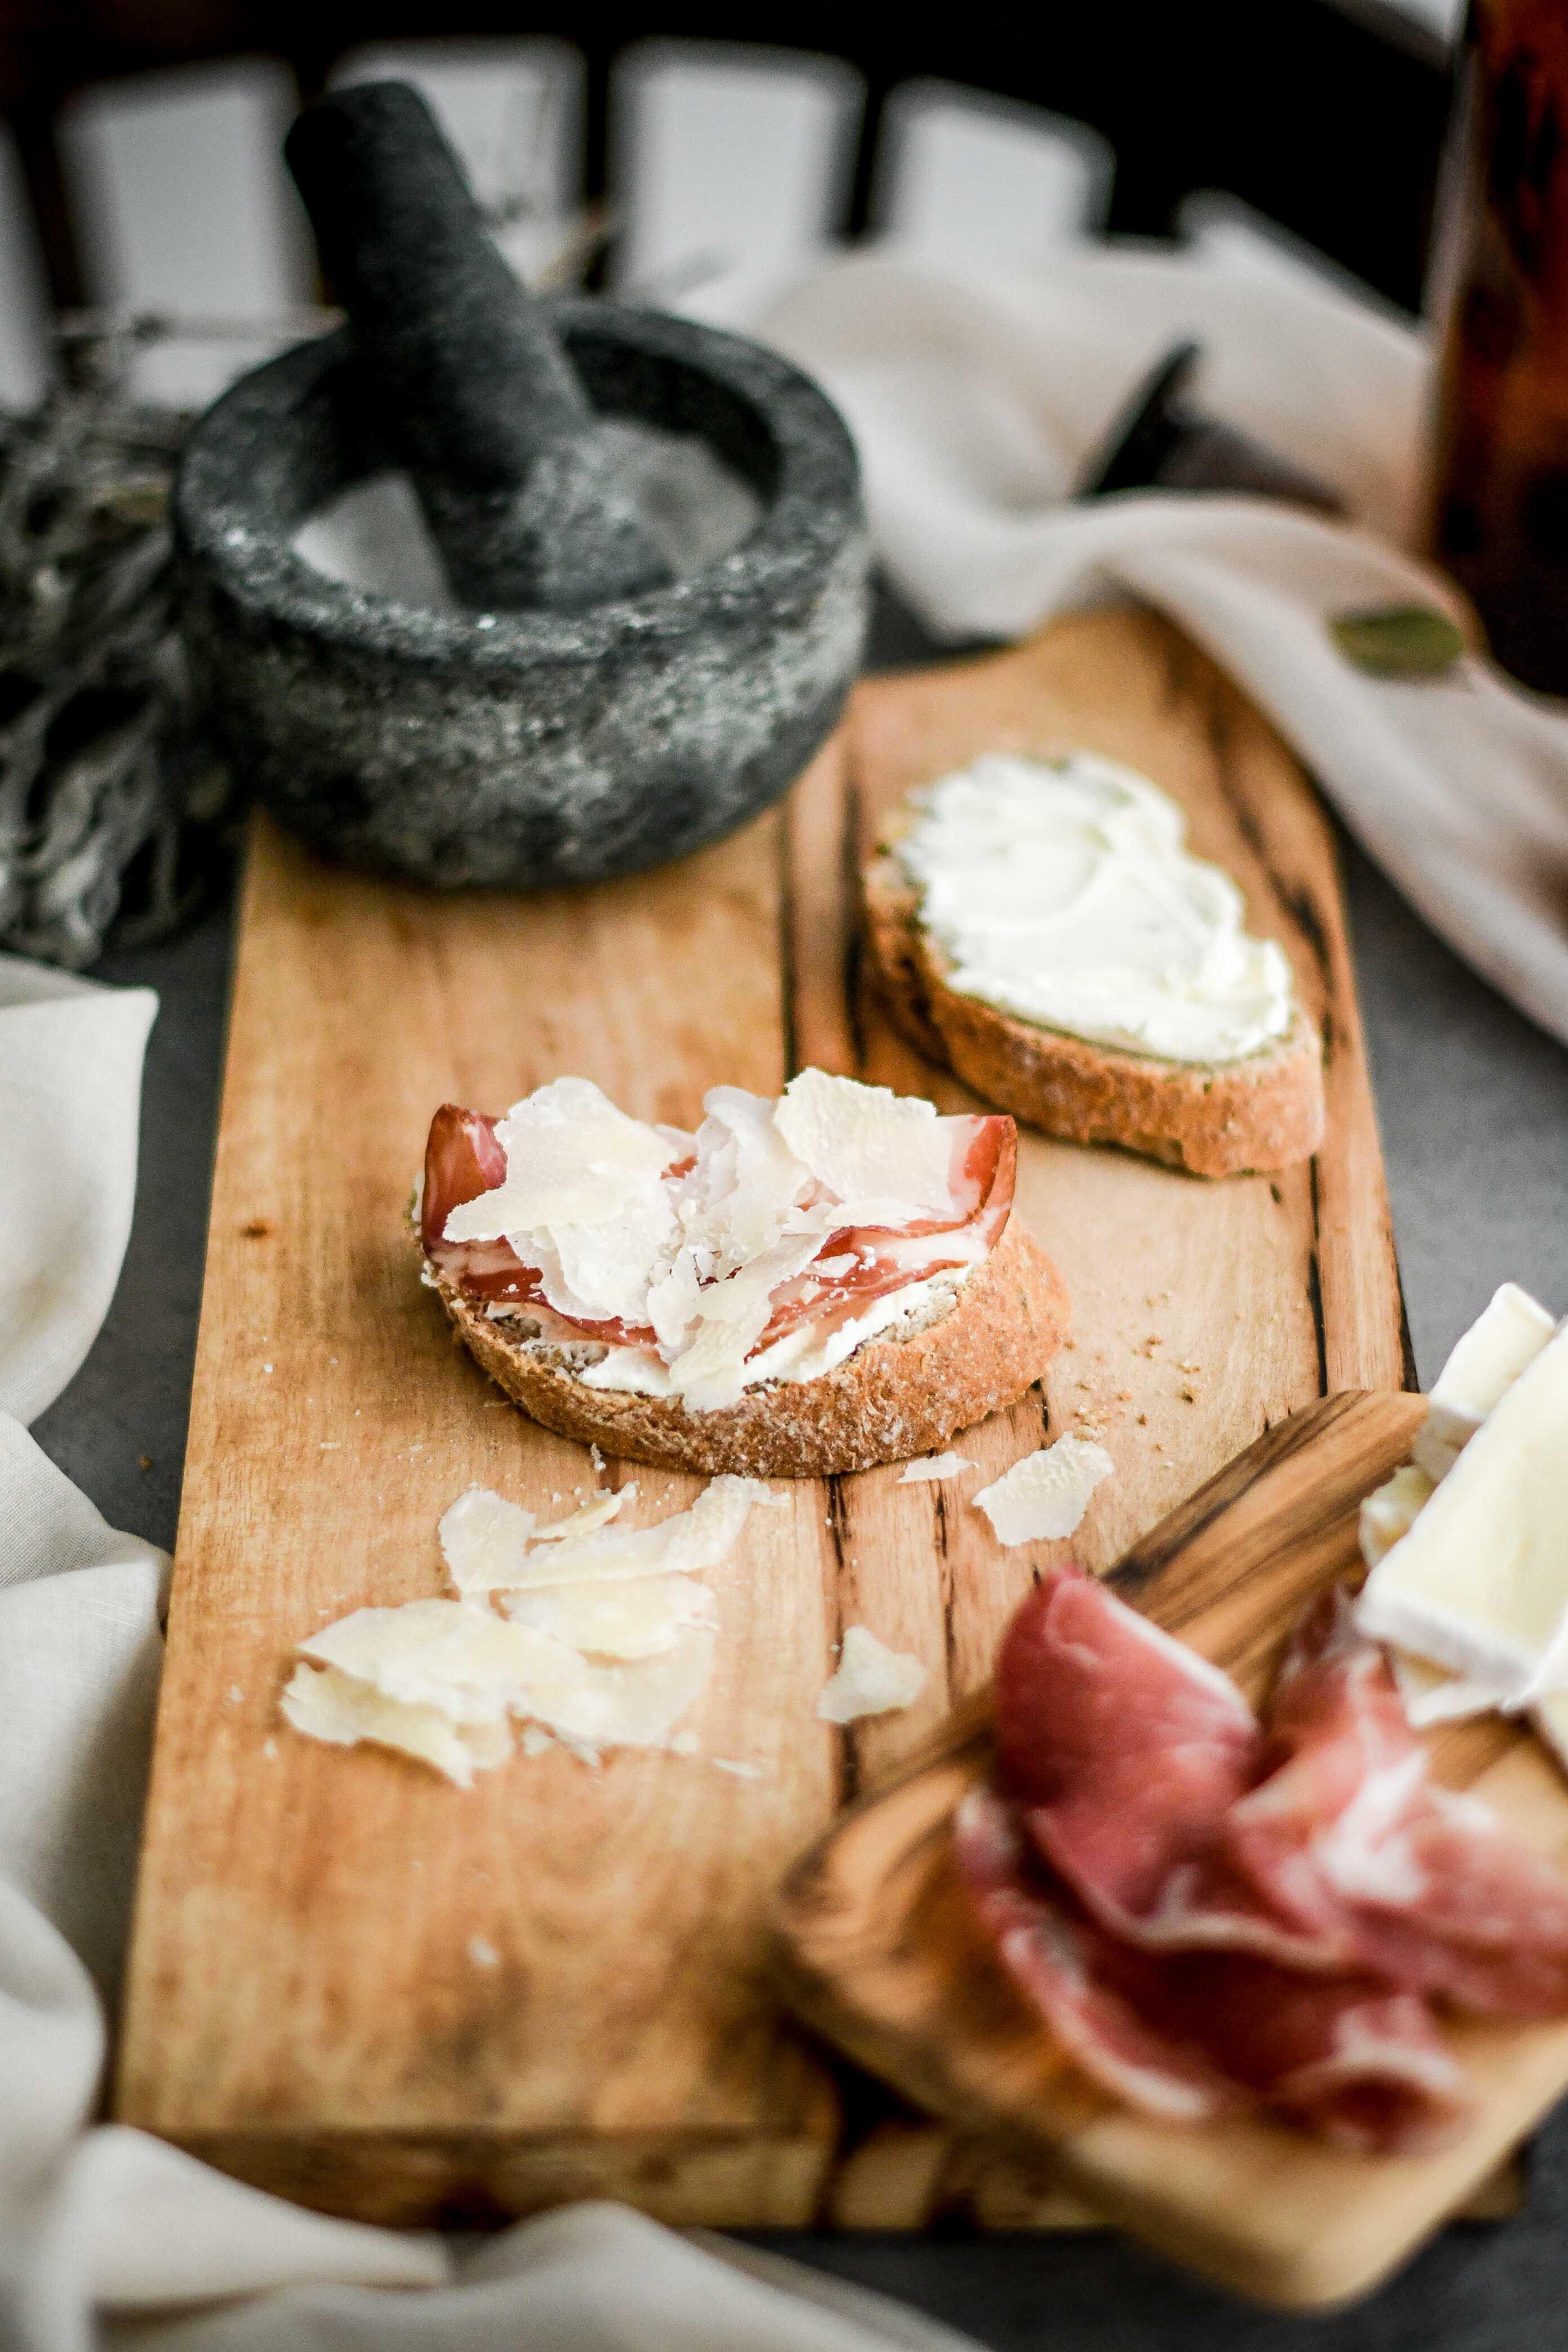 open sandwiches / obložené chlebíky photography